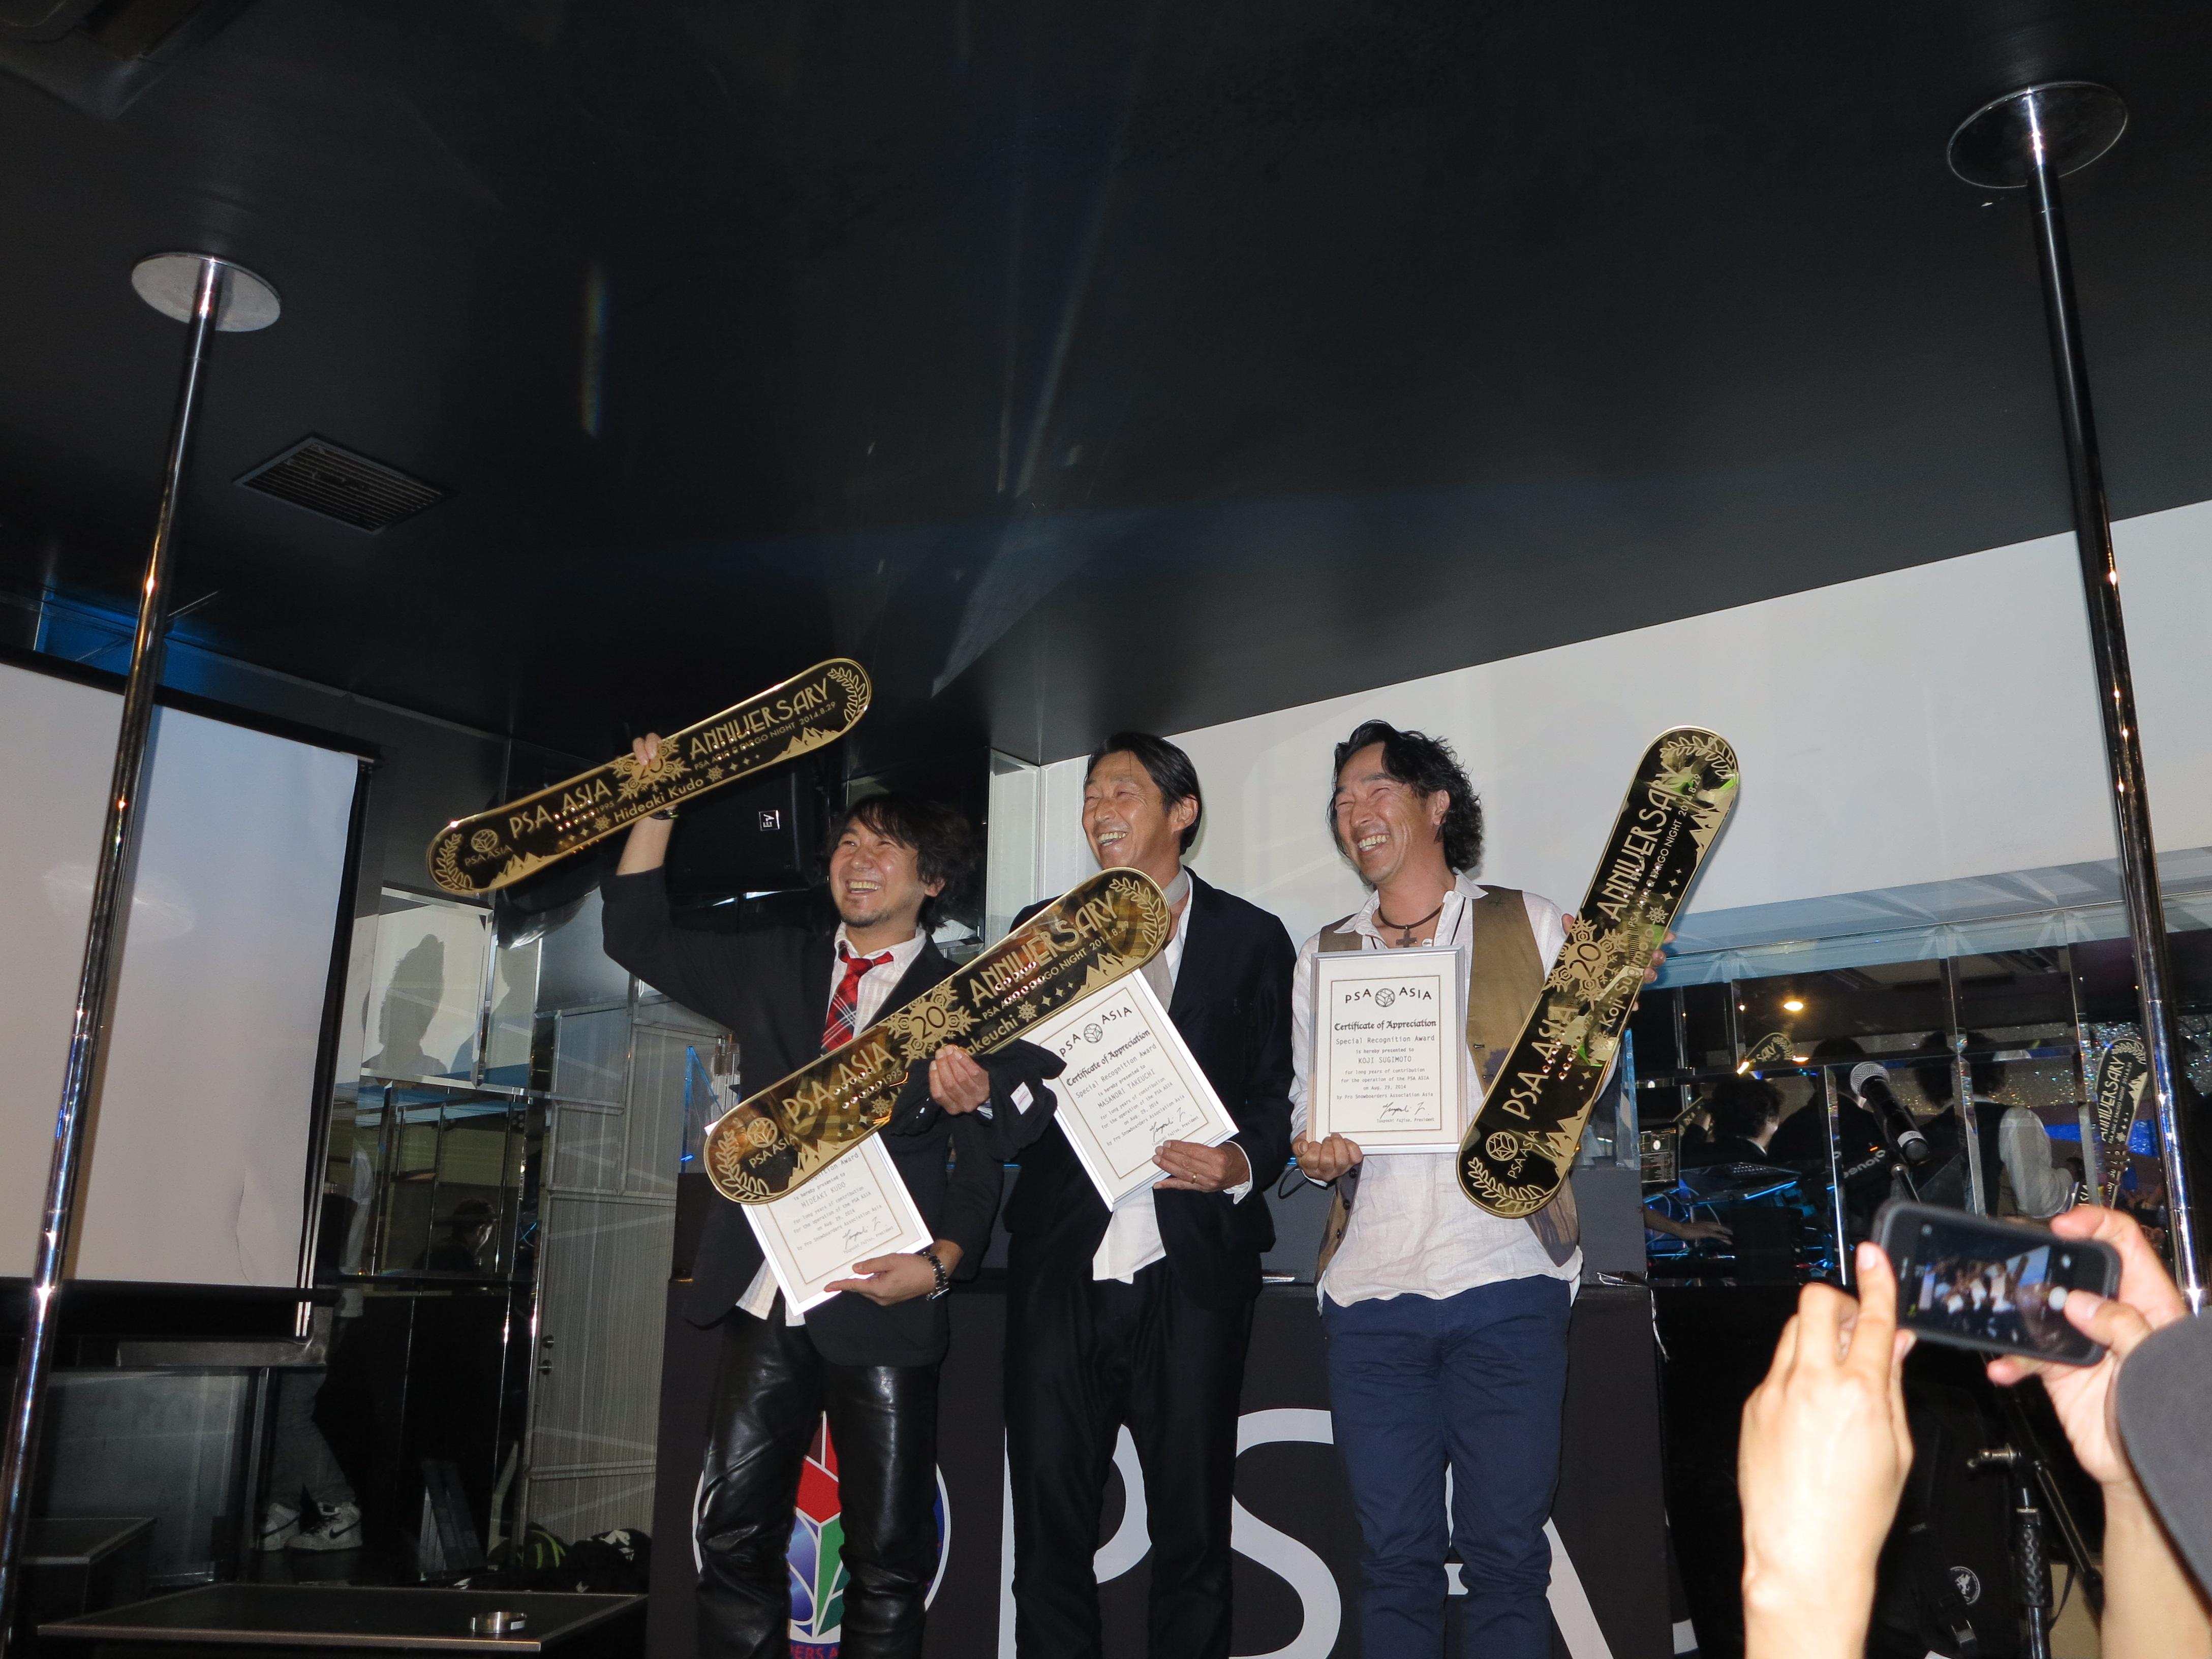 「チャンピオンボード」 PSAプロスノーボード協会 20周年記念式典にて